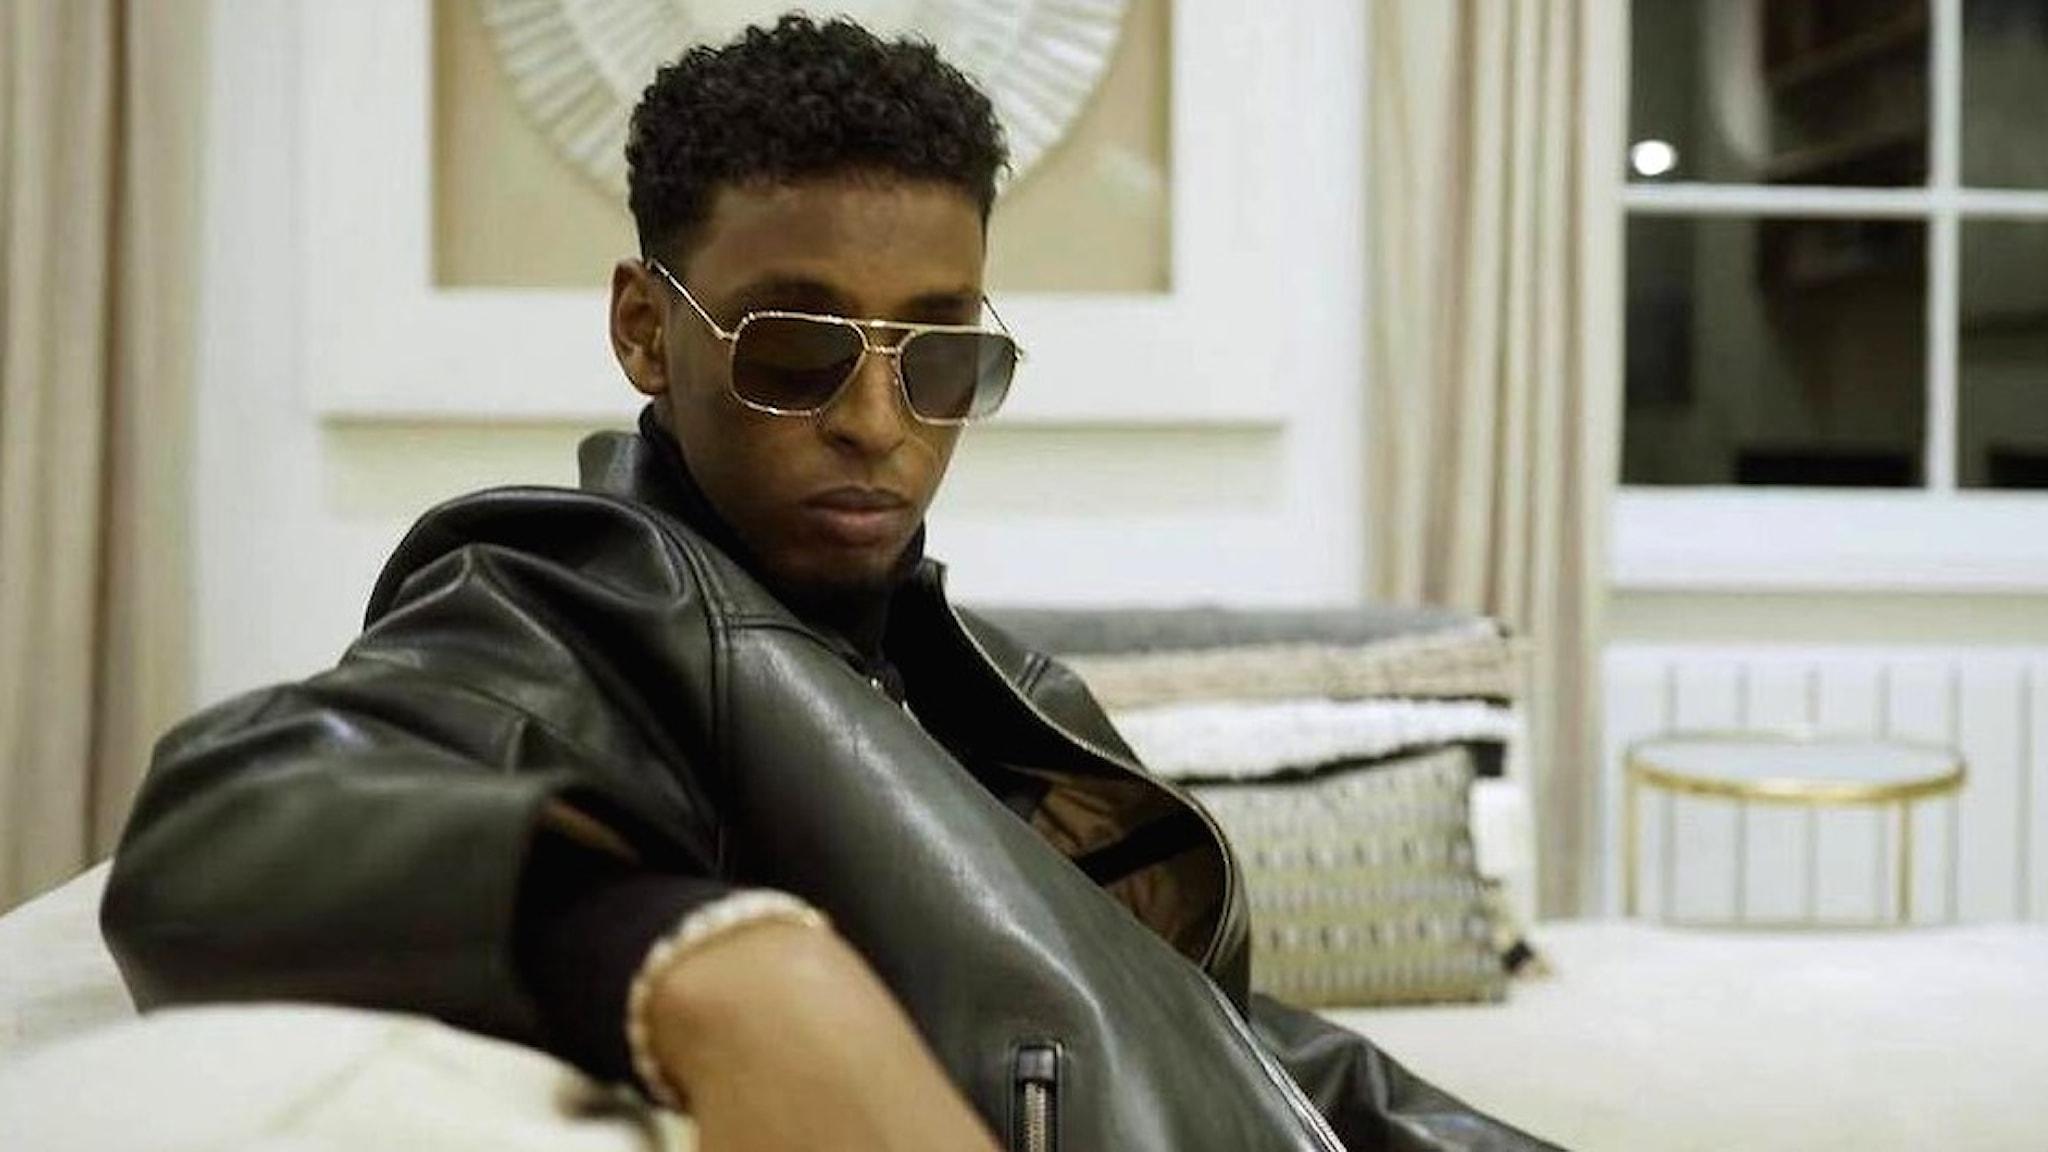 Rapparen Yasin sitter i en soffa med solglasögon.